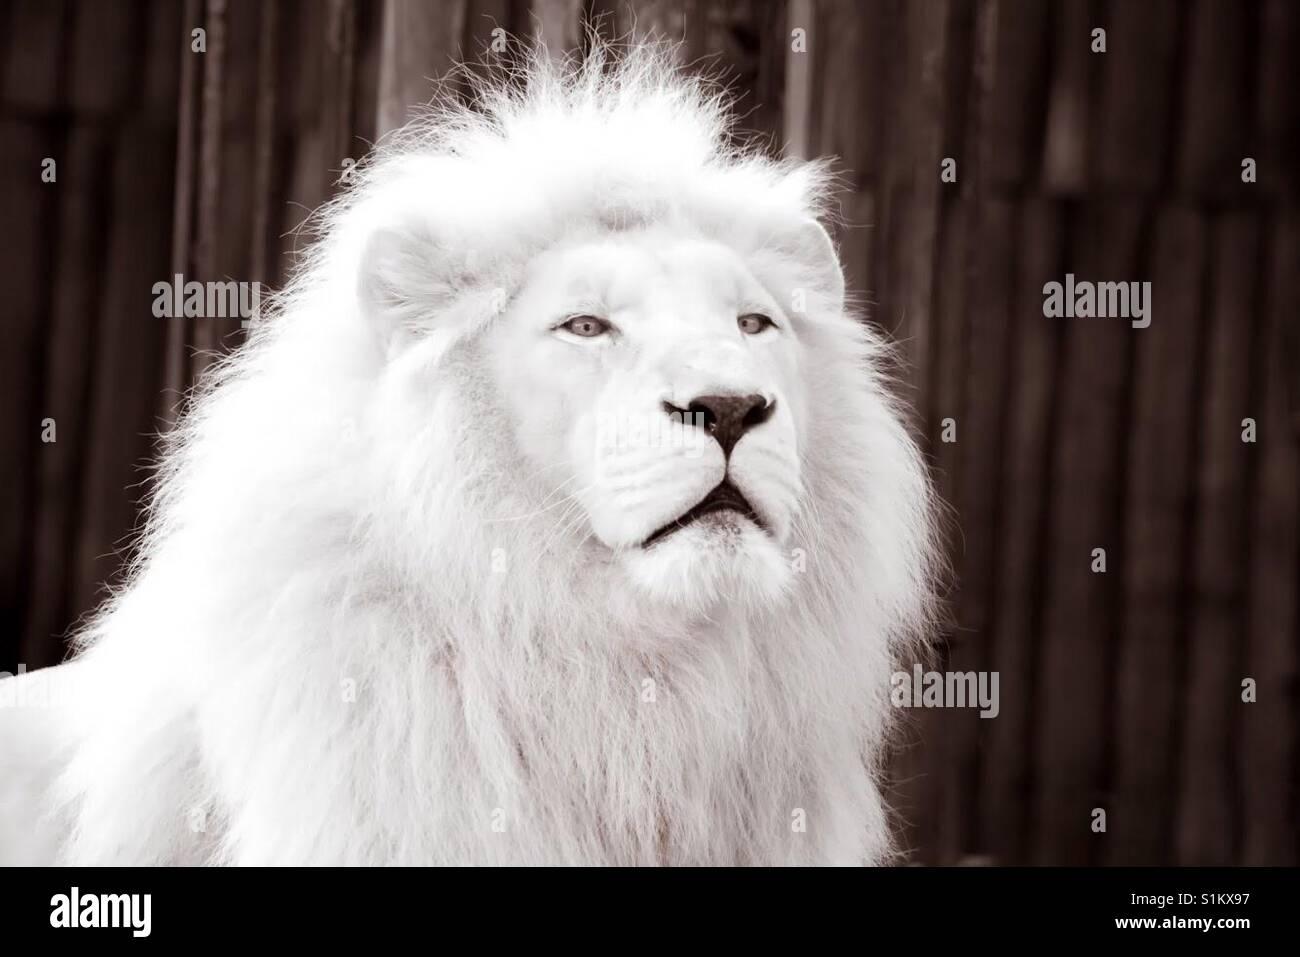 Primo piano immagine a colori del bellissimo leone bianco - Immagine del mouse a colori ...